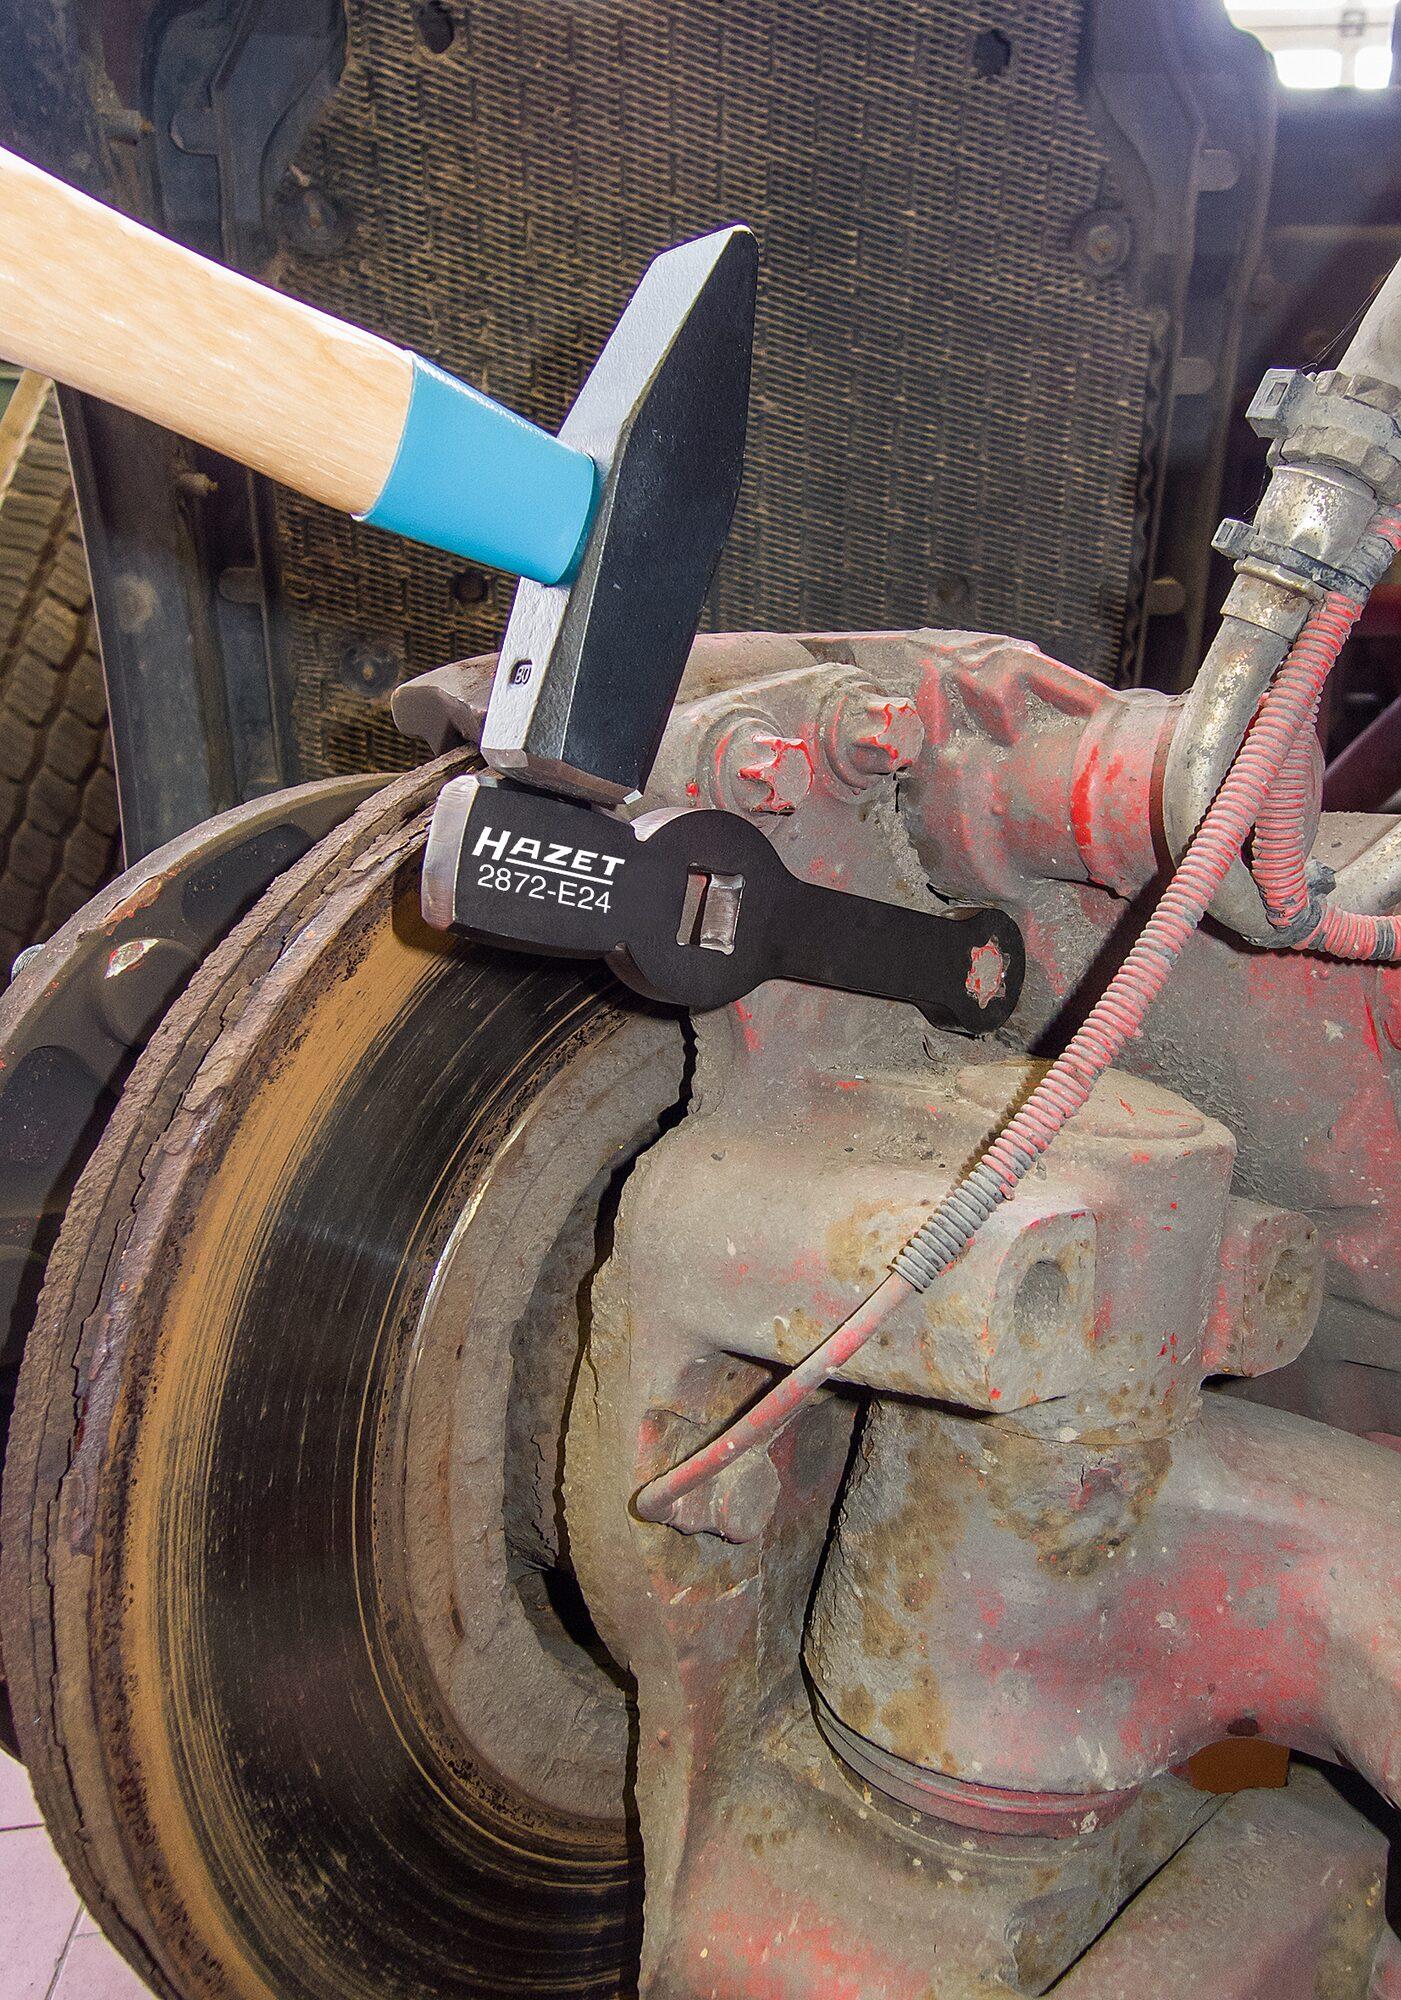 HAZET TORX® Schlag-Schlüssel ∙ mit 2 Schlagflächen 2872-E18 ∙ Vierkant hohl 20 mm (3/4 Zoll) ∙ Außen TORX® Profil